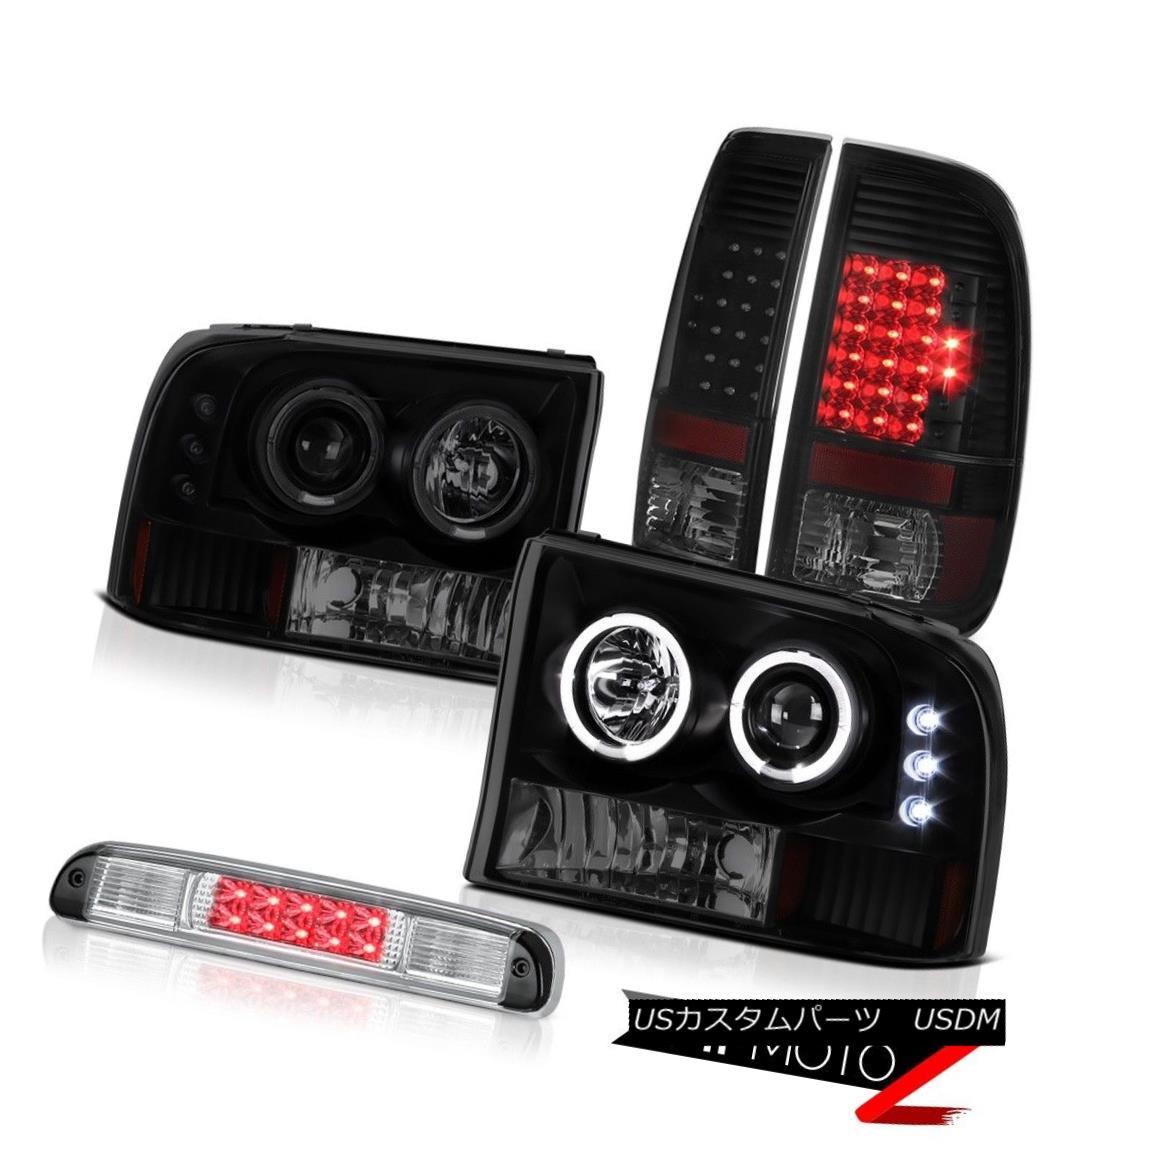 テールライト Sinister Black LED Halo Headlights Tail Lights Lamps High Stop 99-04 F250 XL Sinister Black LED HaloヘッドライトテールライトランプHigh Stop 99-04 F250 XL